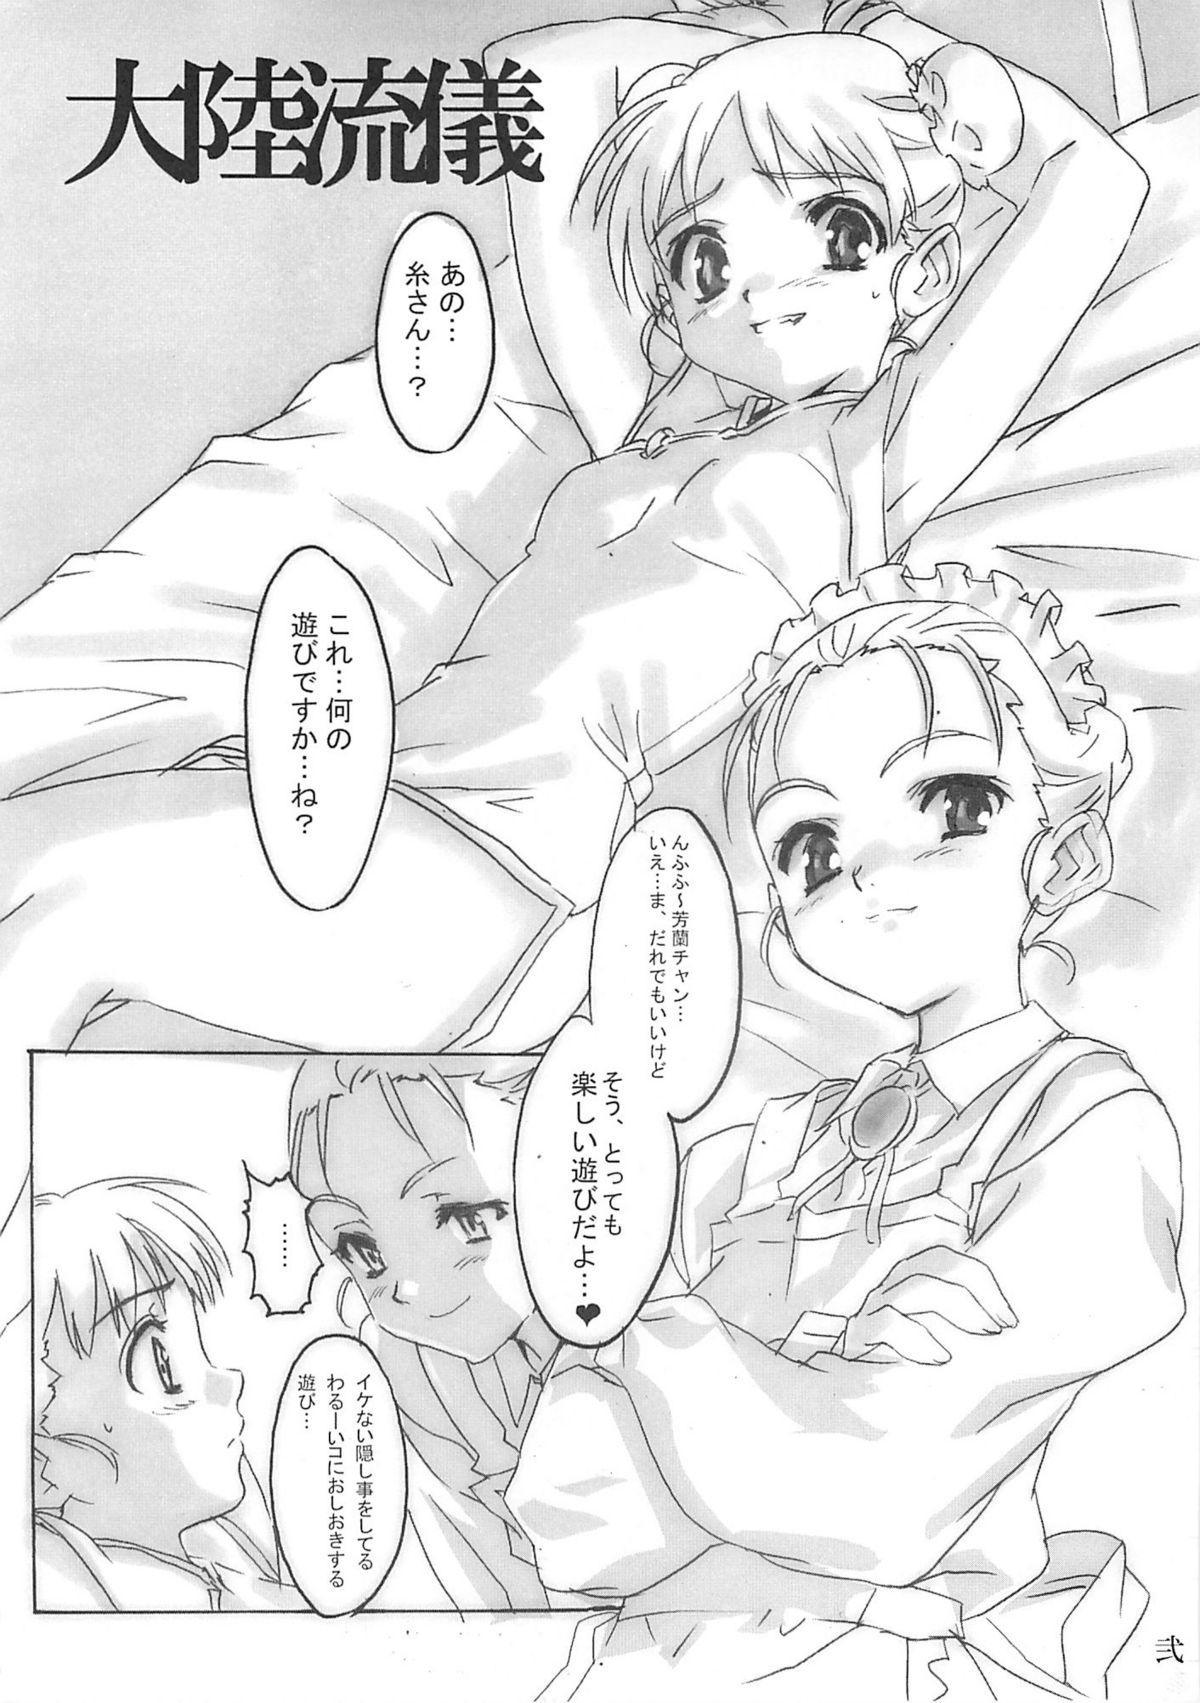 Mikagura no Eroi Hon 2